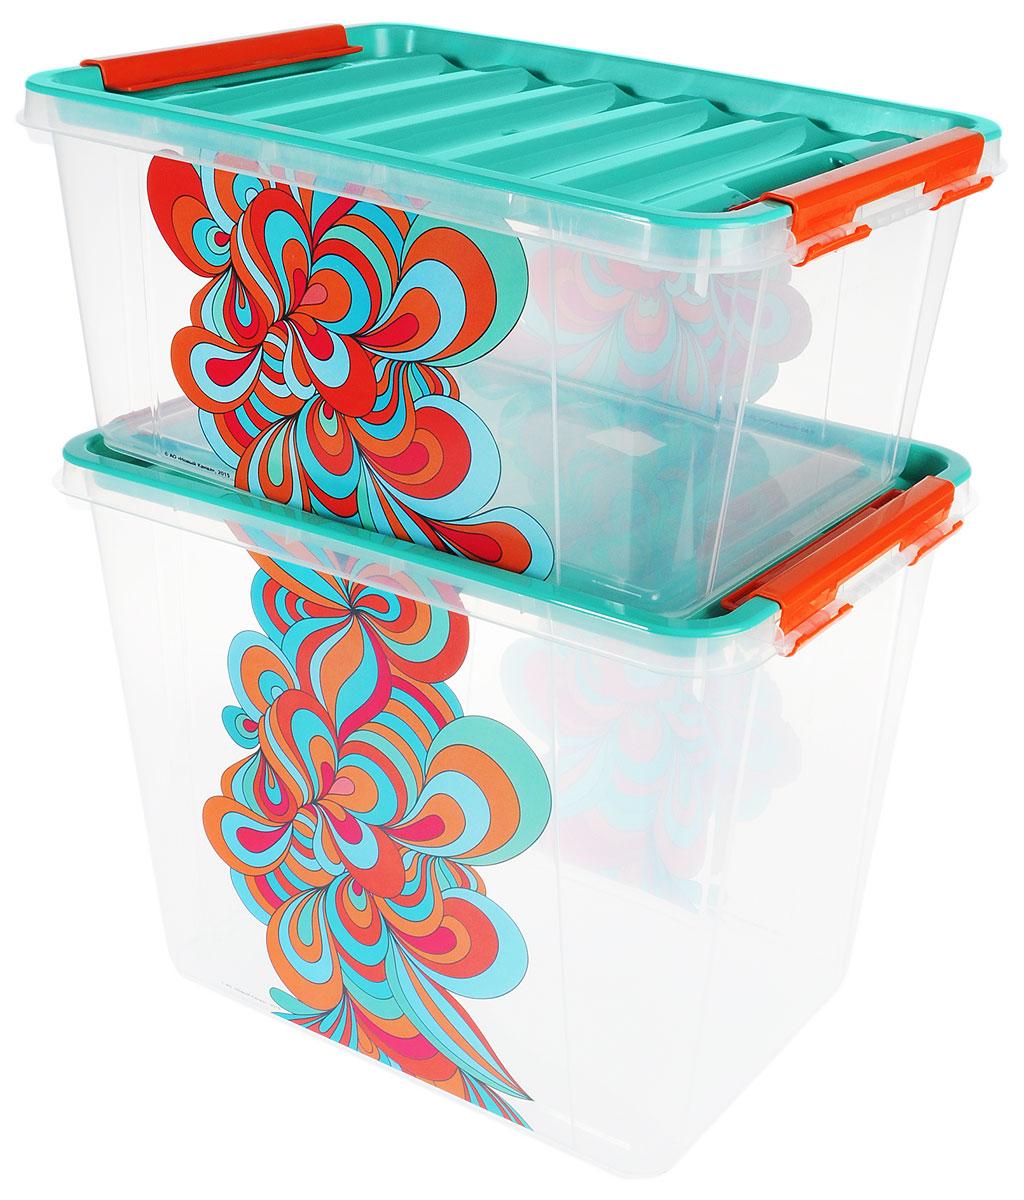 Набор контейнеров Полимербыт Домашний, 2 штSGHPBKP58Набор контейнеров Полимербыт Домашнийизготовлен из высококачественного прочного пластика, устойчивого к высоким температурам. Стенки контейнера прозрачные, что позволяет видеть содержимое. Цветная полупрозрачная крышка плотно закрывается. В набор входят 2 контейнера разного объема. Контейнеры идеально подходят для хранения различных вещей. Размеры большого контейнера: 39 х 28,5 х 31 см. Размер малого контейнера: 39 х 28,5 х 18 см. Объем контейнеров: 25 л; 15 л.